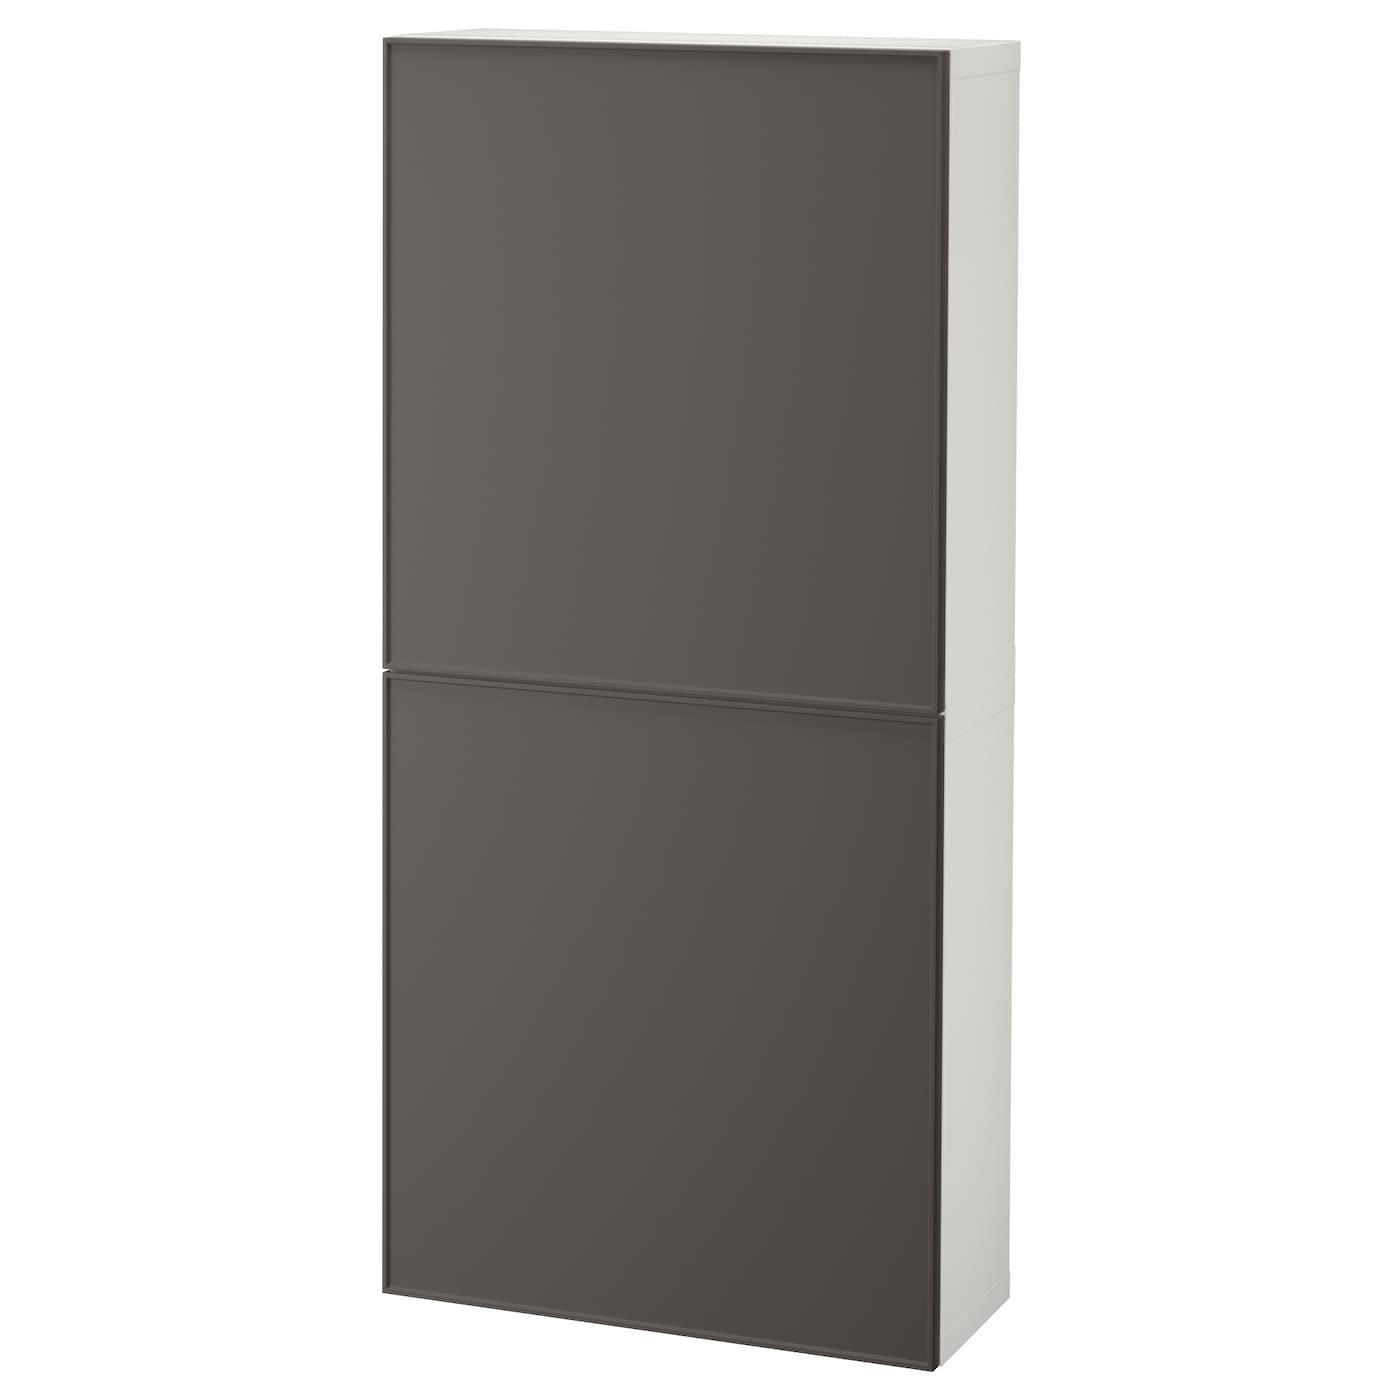 Discontinued Ikea Kitchen Cabinet Doors: Besta Doors Discontinued & Ikea Besta Overview